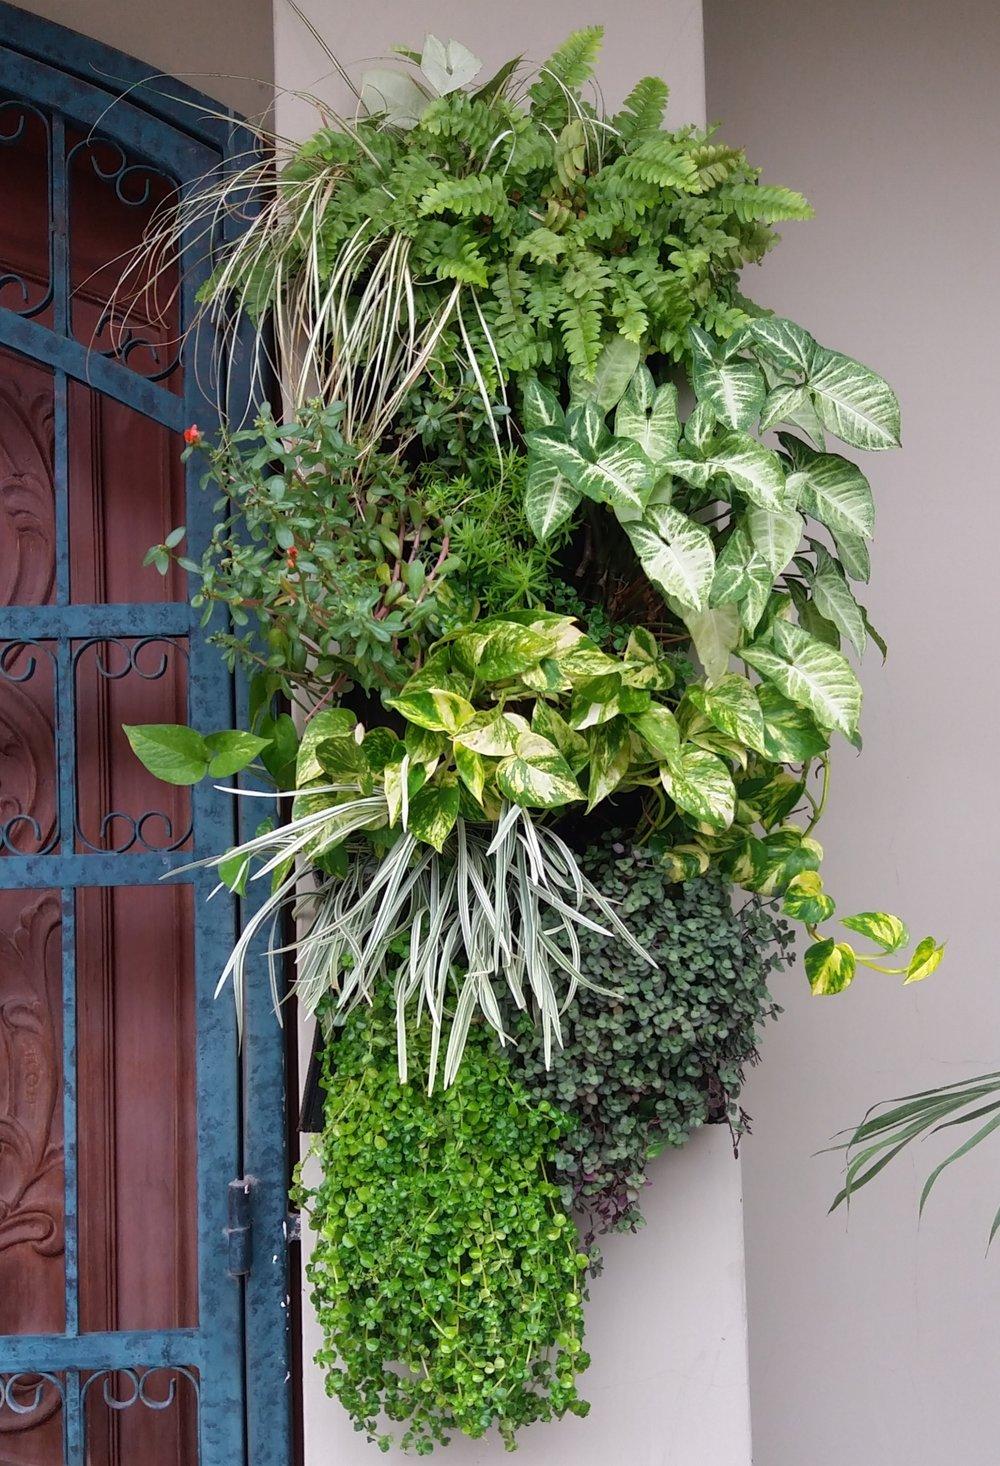 Residencial - Sistema: Morralito - Bioparametro®Paisajismo: @caliptra_arquitectura